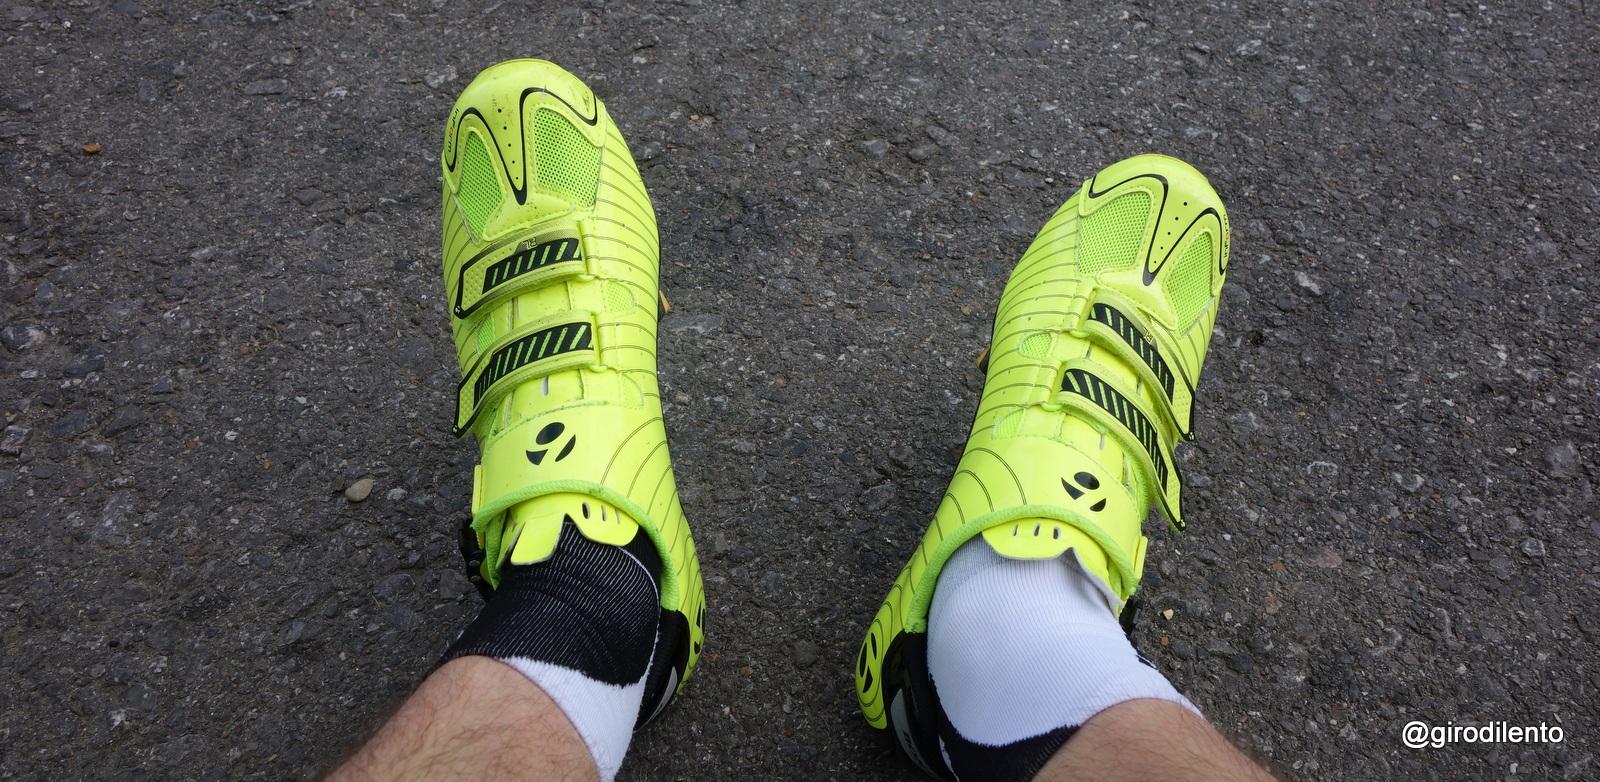 Bontrager Velocis Shoe Sizing